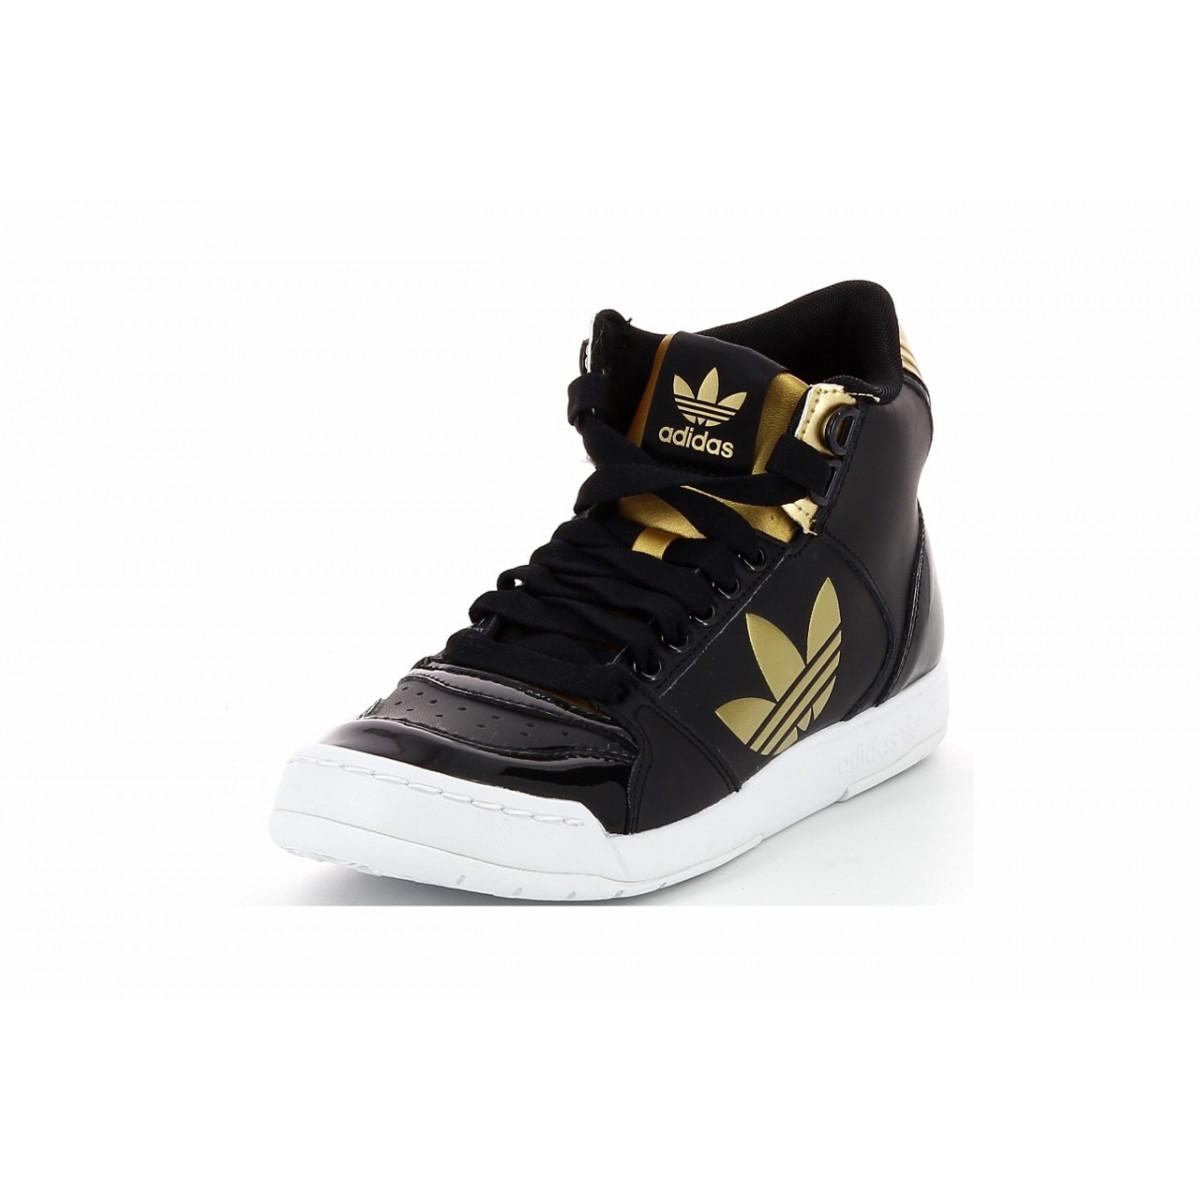 chaussure montante noire et or adidas femme